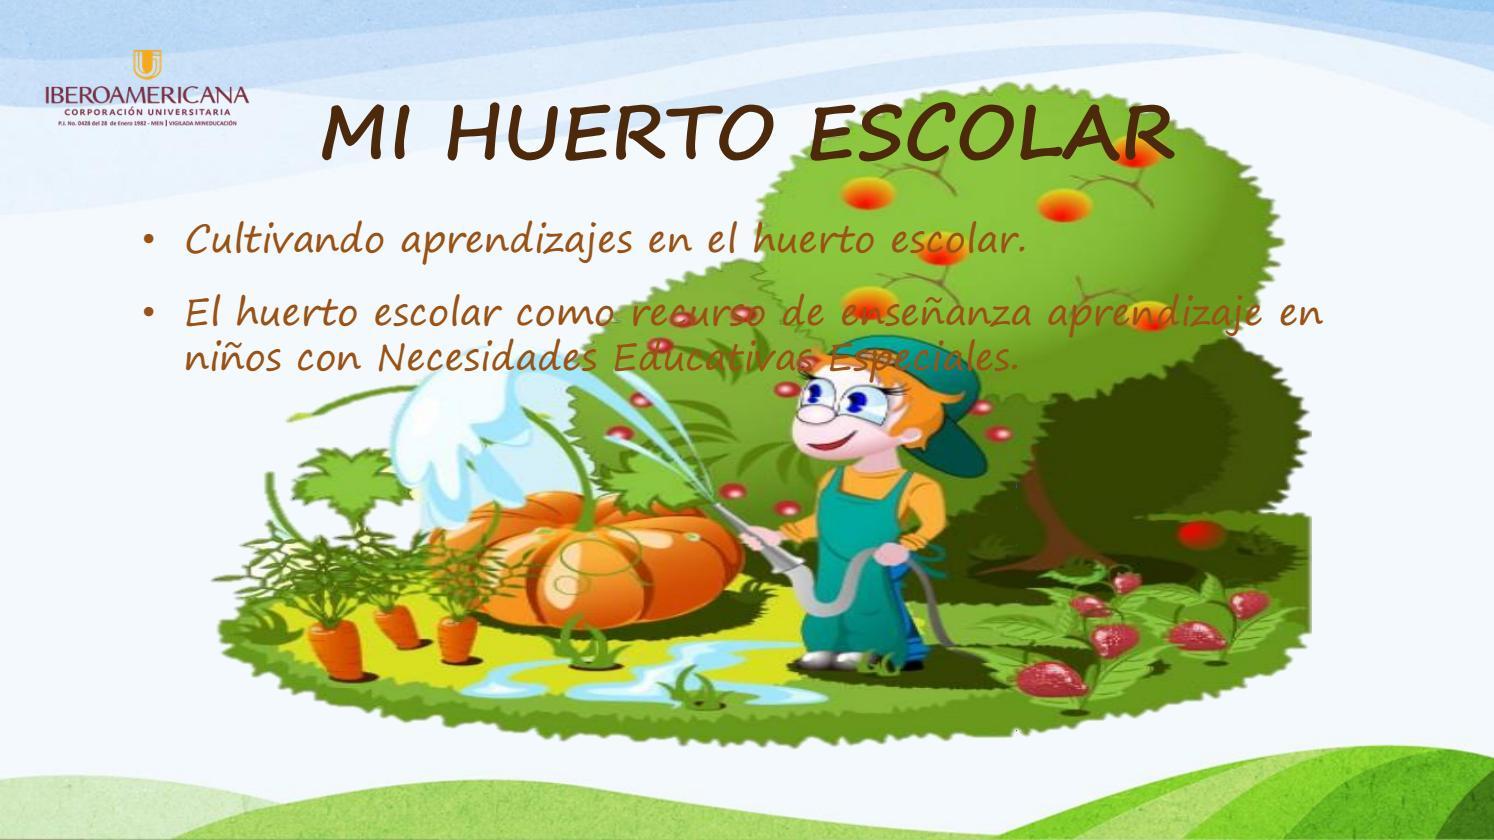 Proyecto pedag gico productivo la huerta escolar by ruth for Que es un huerto escolar